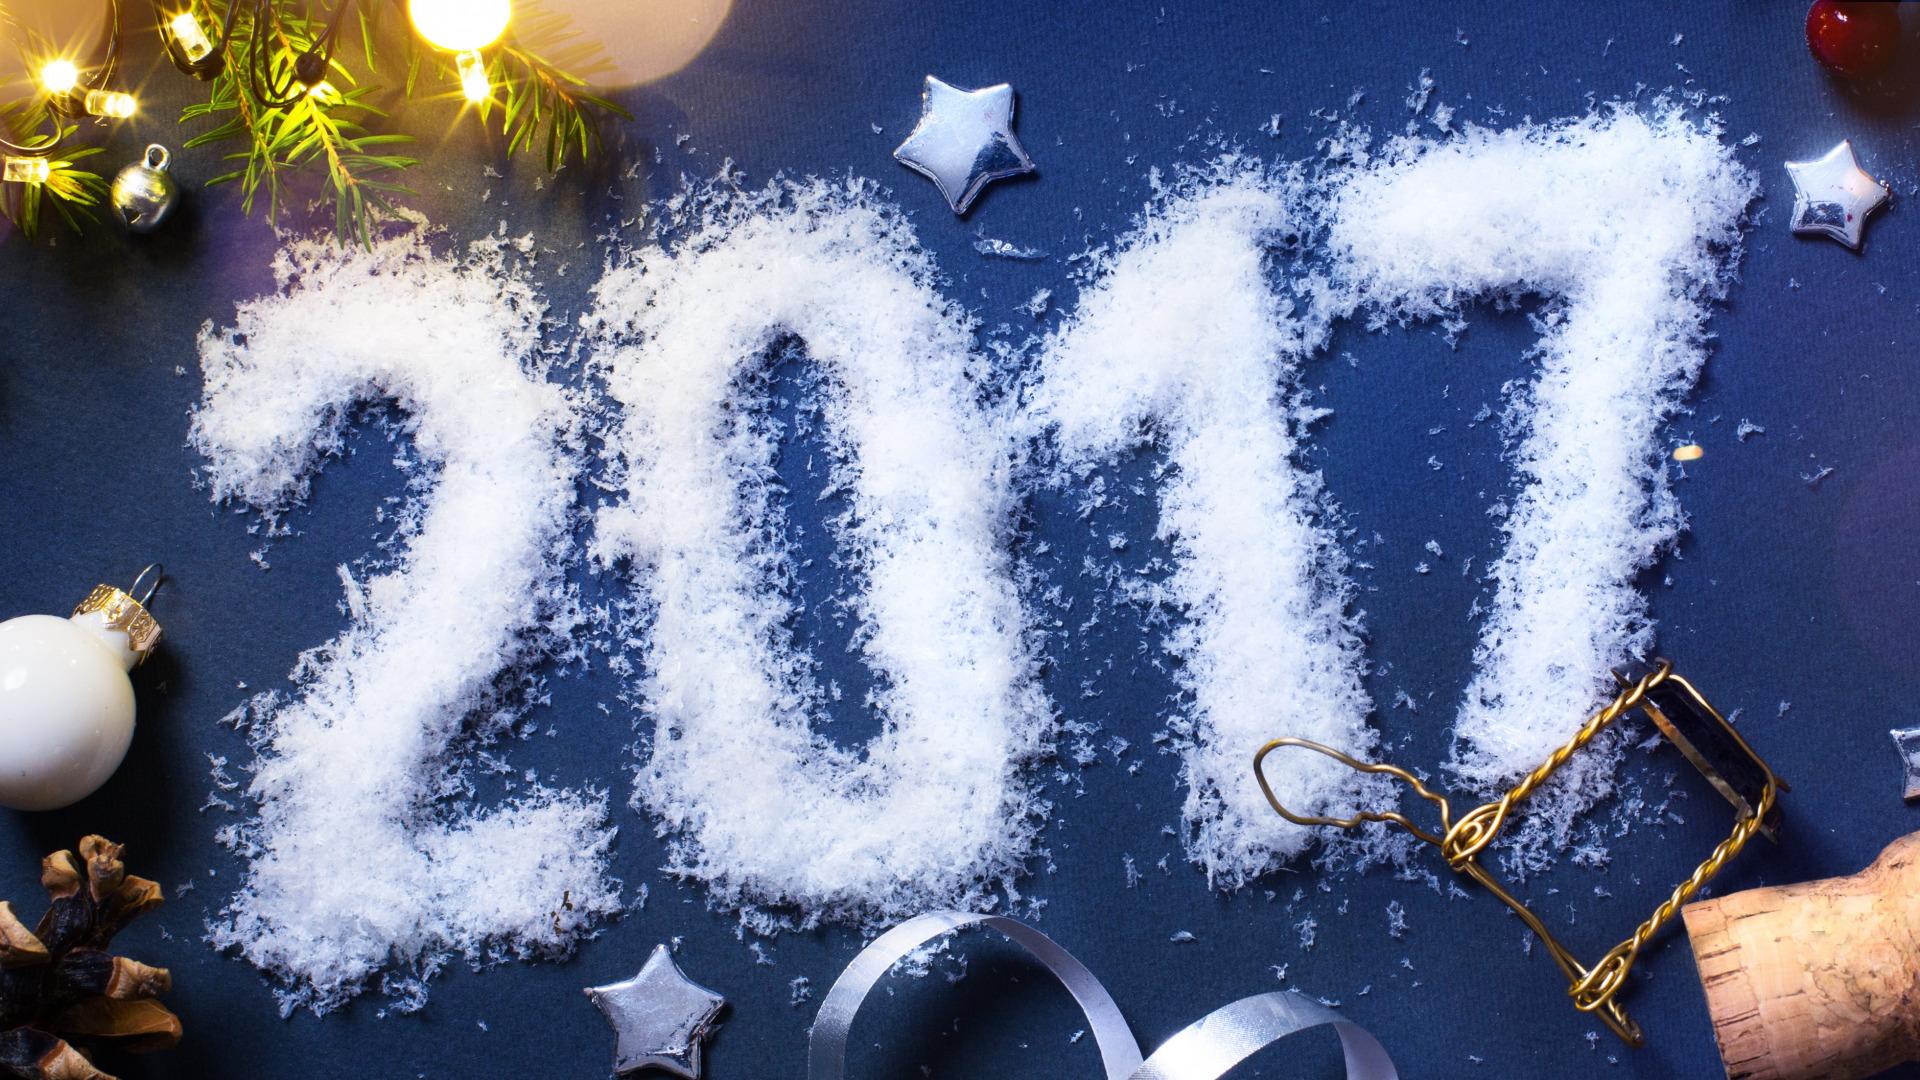 номеров телефонов заставка на рабочий стол новогодние 2017 бородавка